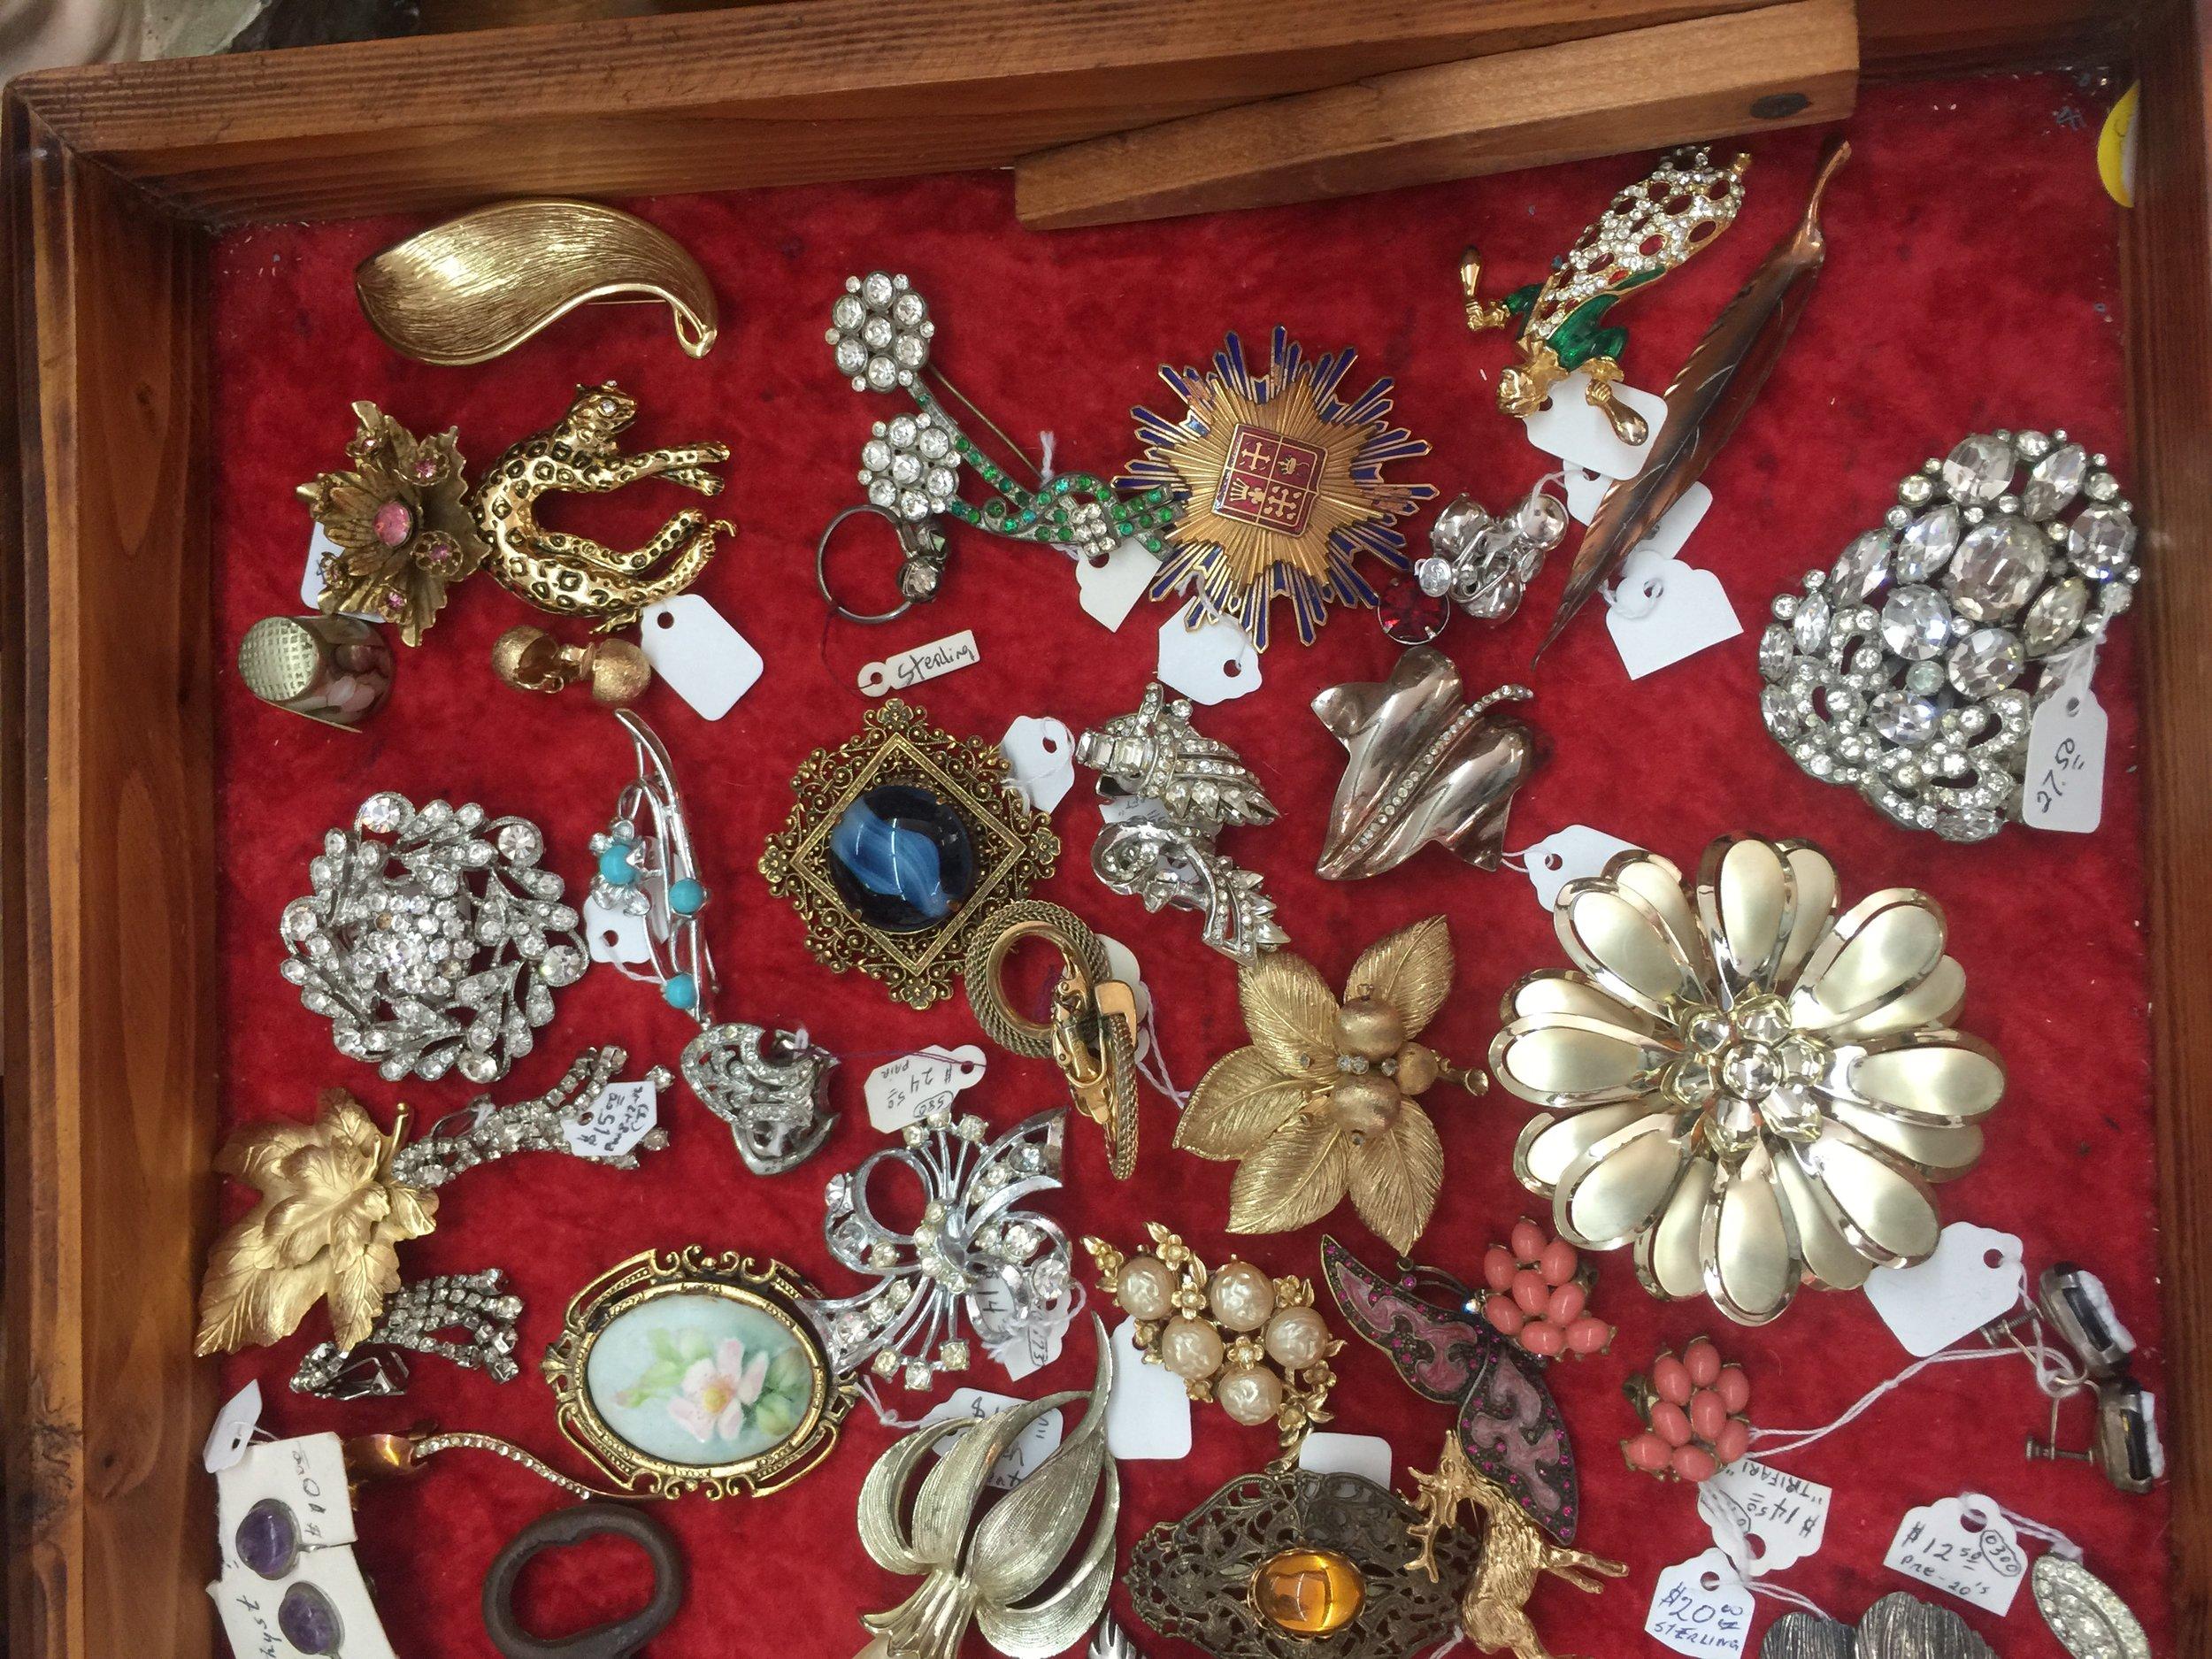 estate sale vintage jewelry / heirloomed